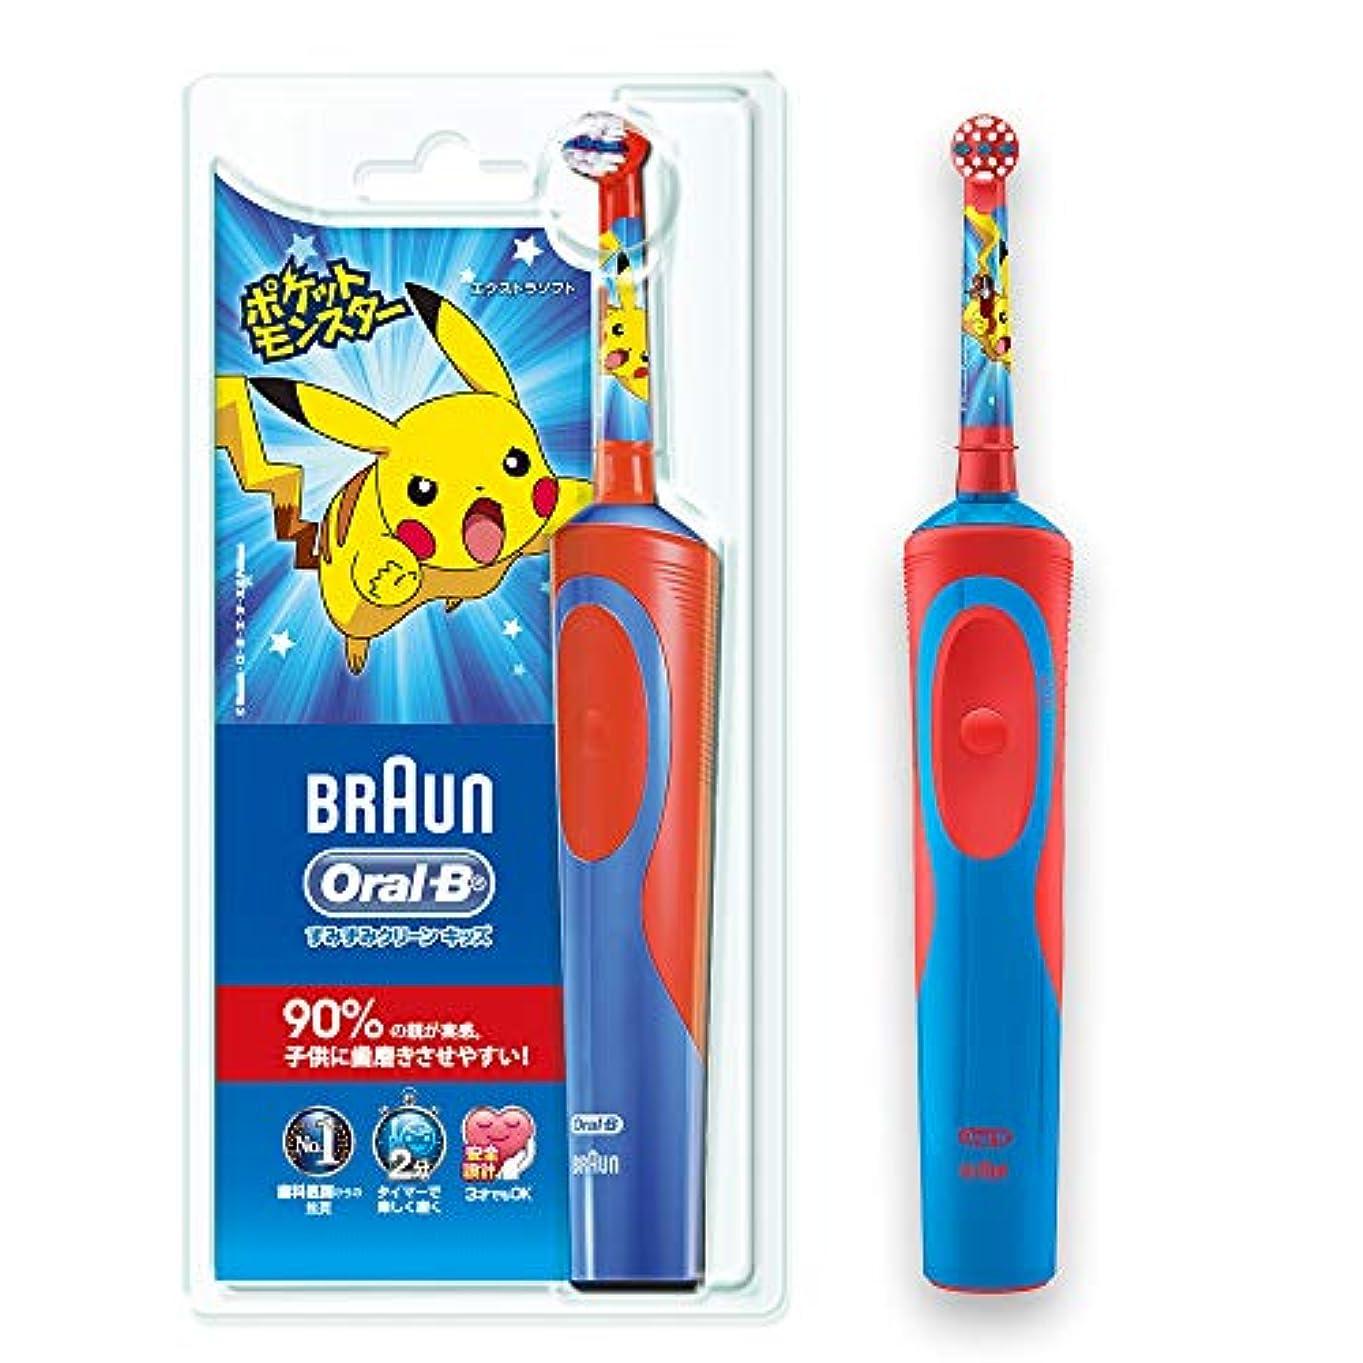 耐えられない有名流行しているブラウン オーラルB 電動歯ブラシ 子供用 D12513KPKMB すみずみクリーンキッズ 本体 レッド ポケモン 歯ブラシ